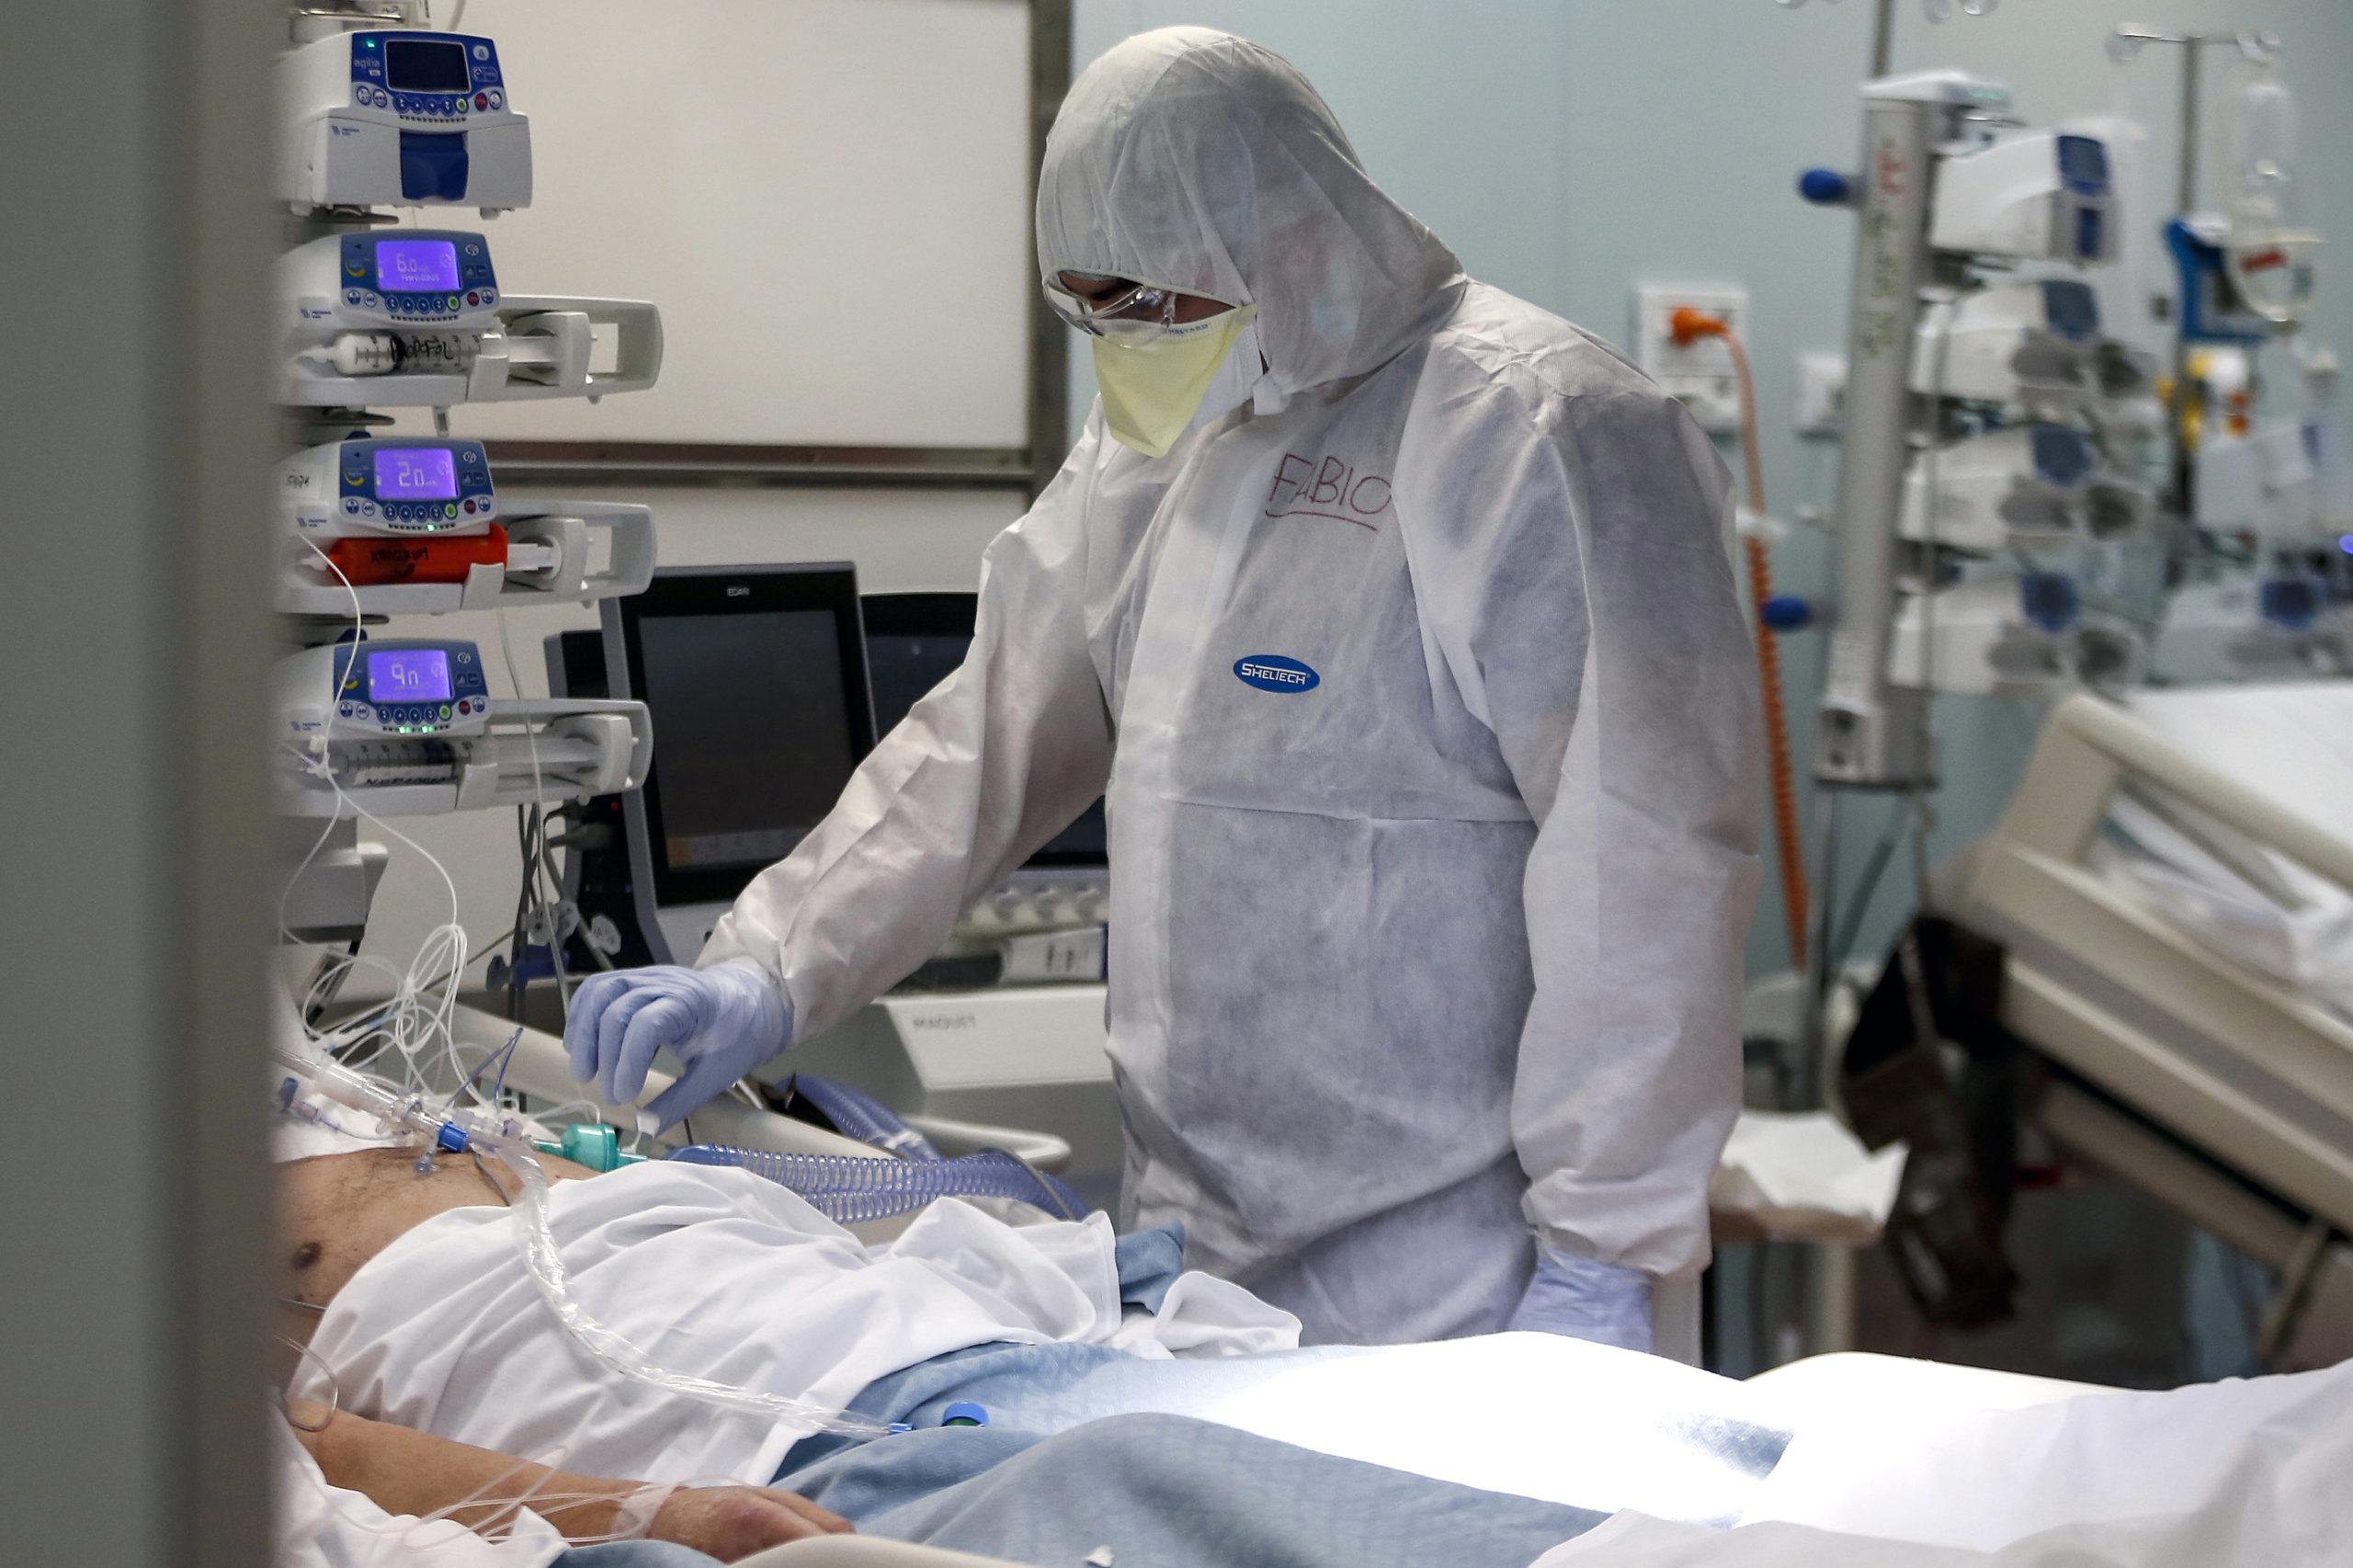 korona-ubila-3-puta-vise-ljudi-od-gripa-i-upale-zajedno